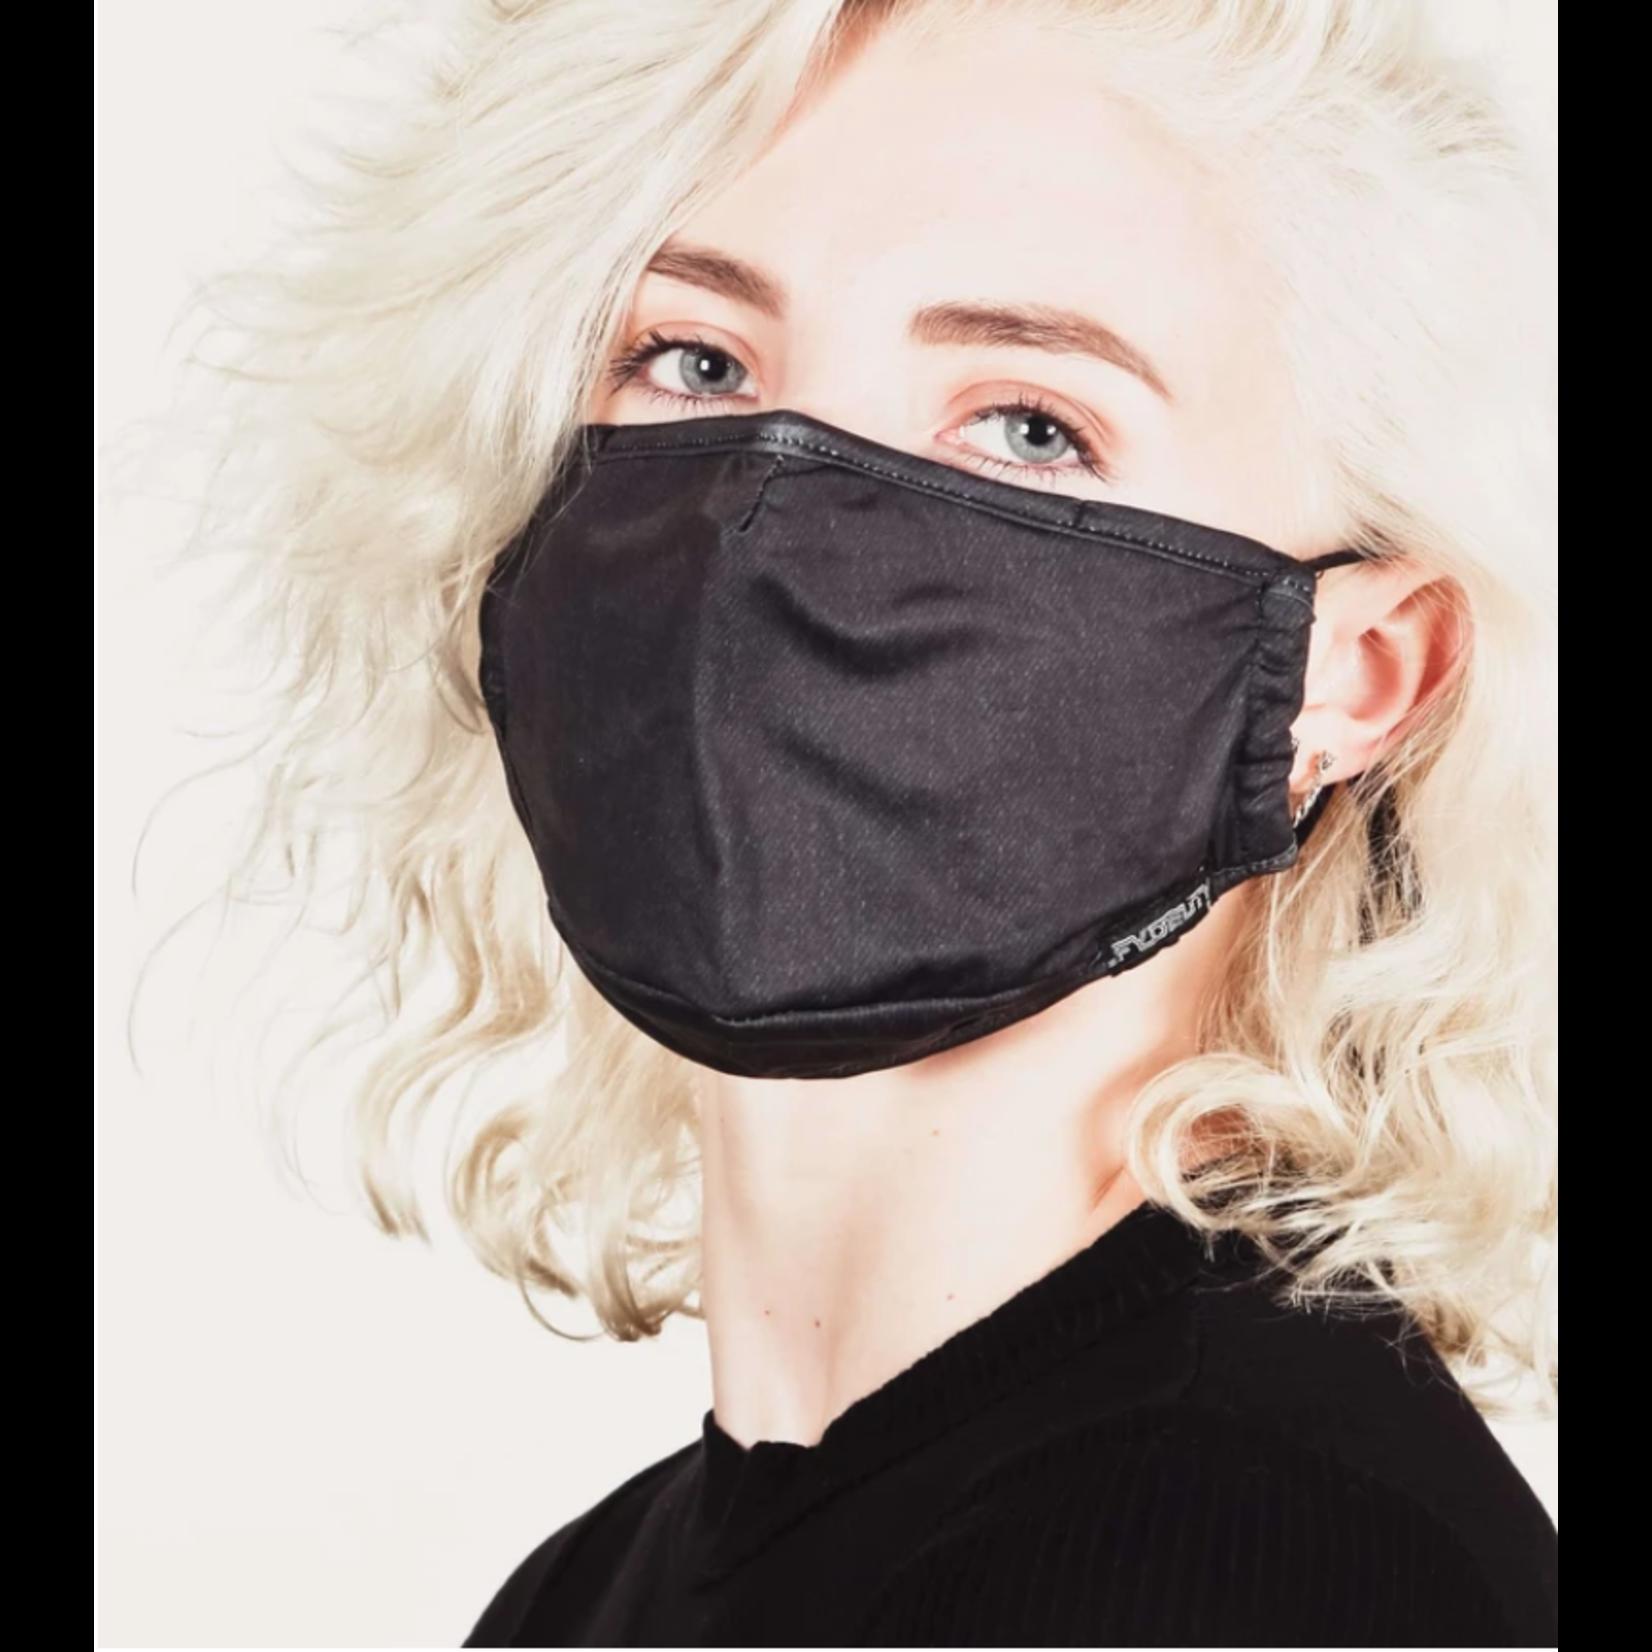 FYDELITY FYDELITY Face Mask - Black Denim